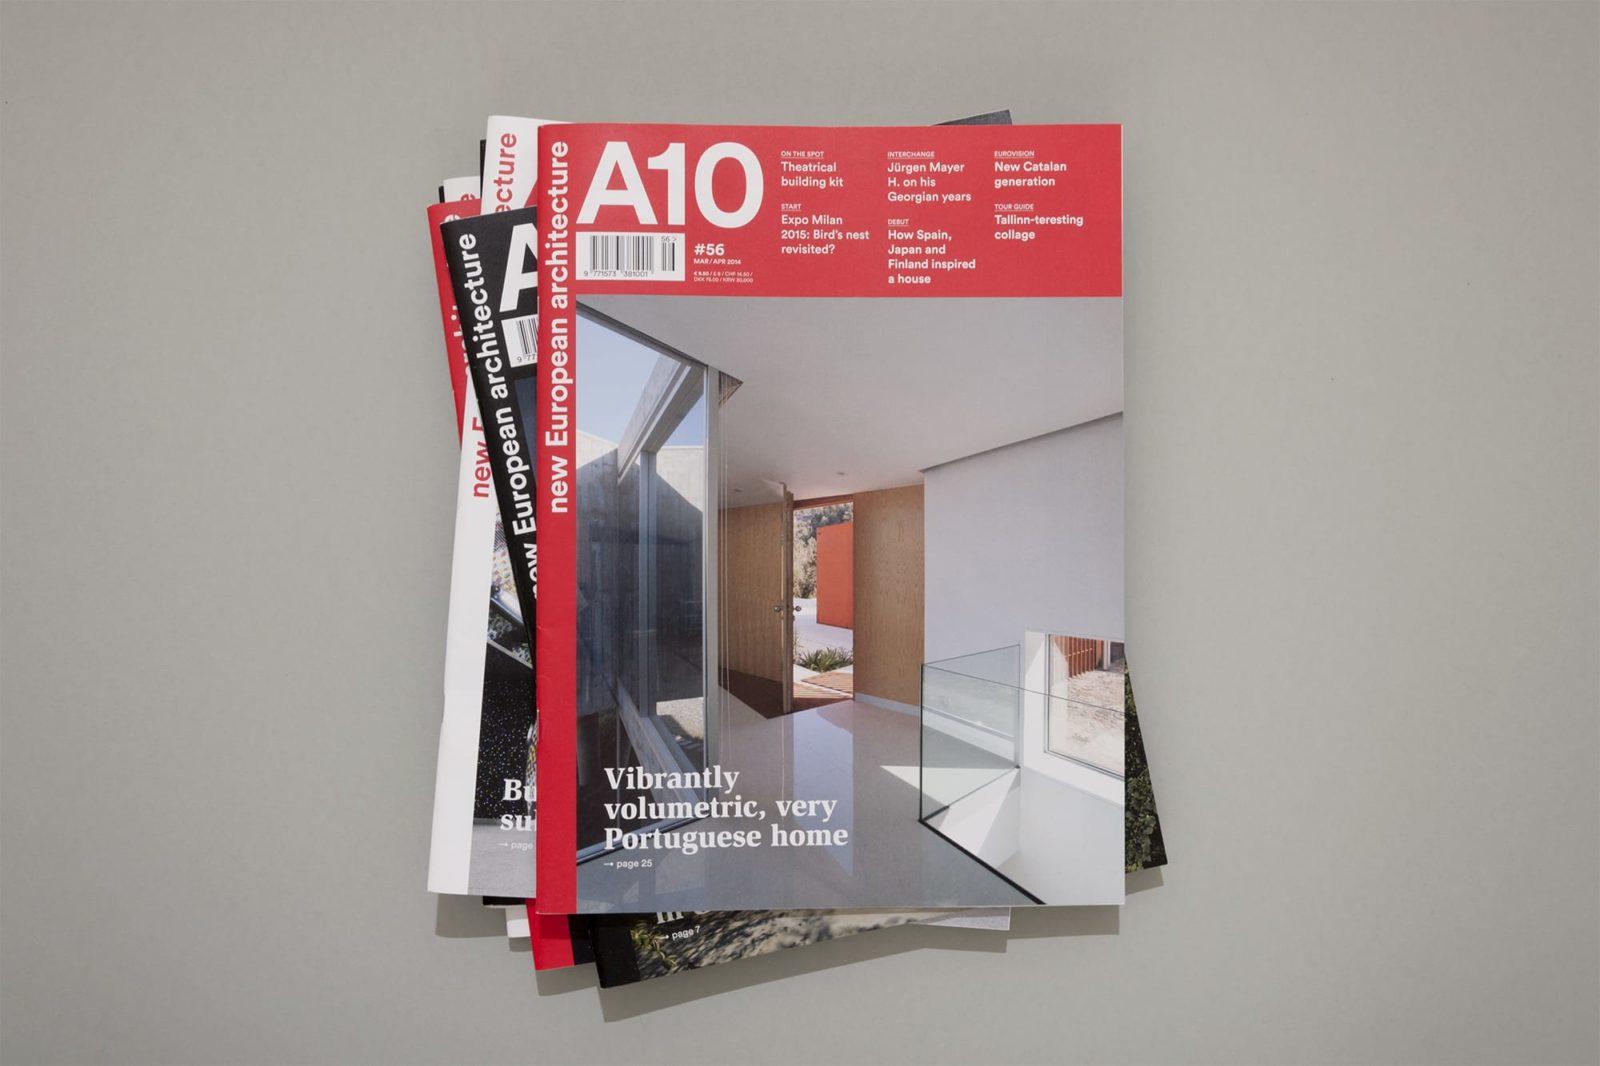 Haller Brun A10 new European architecture magazine